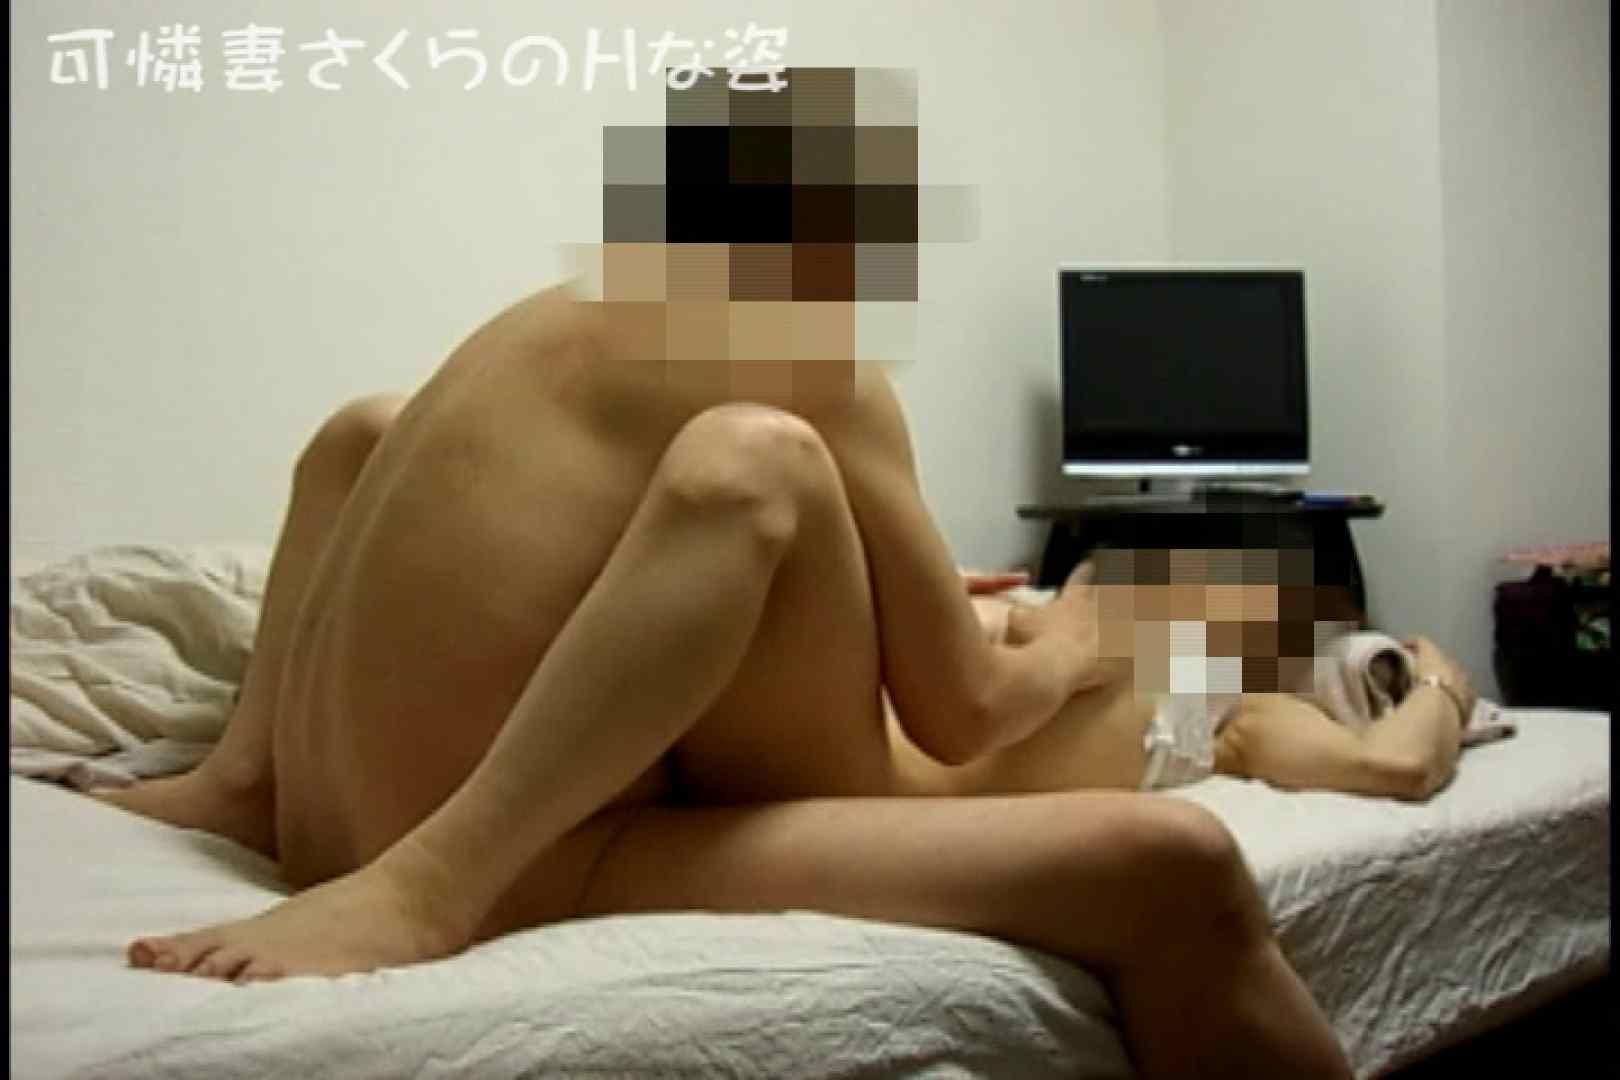 可憐妻さくらのHな姿vol.4後編 エッチなOL   セックス映像  108枚 101